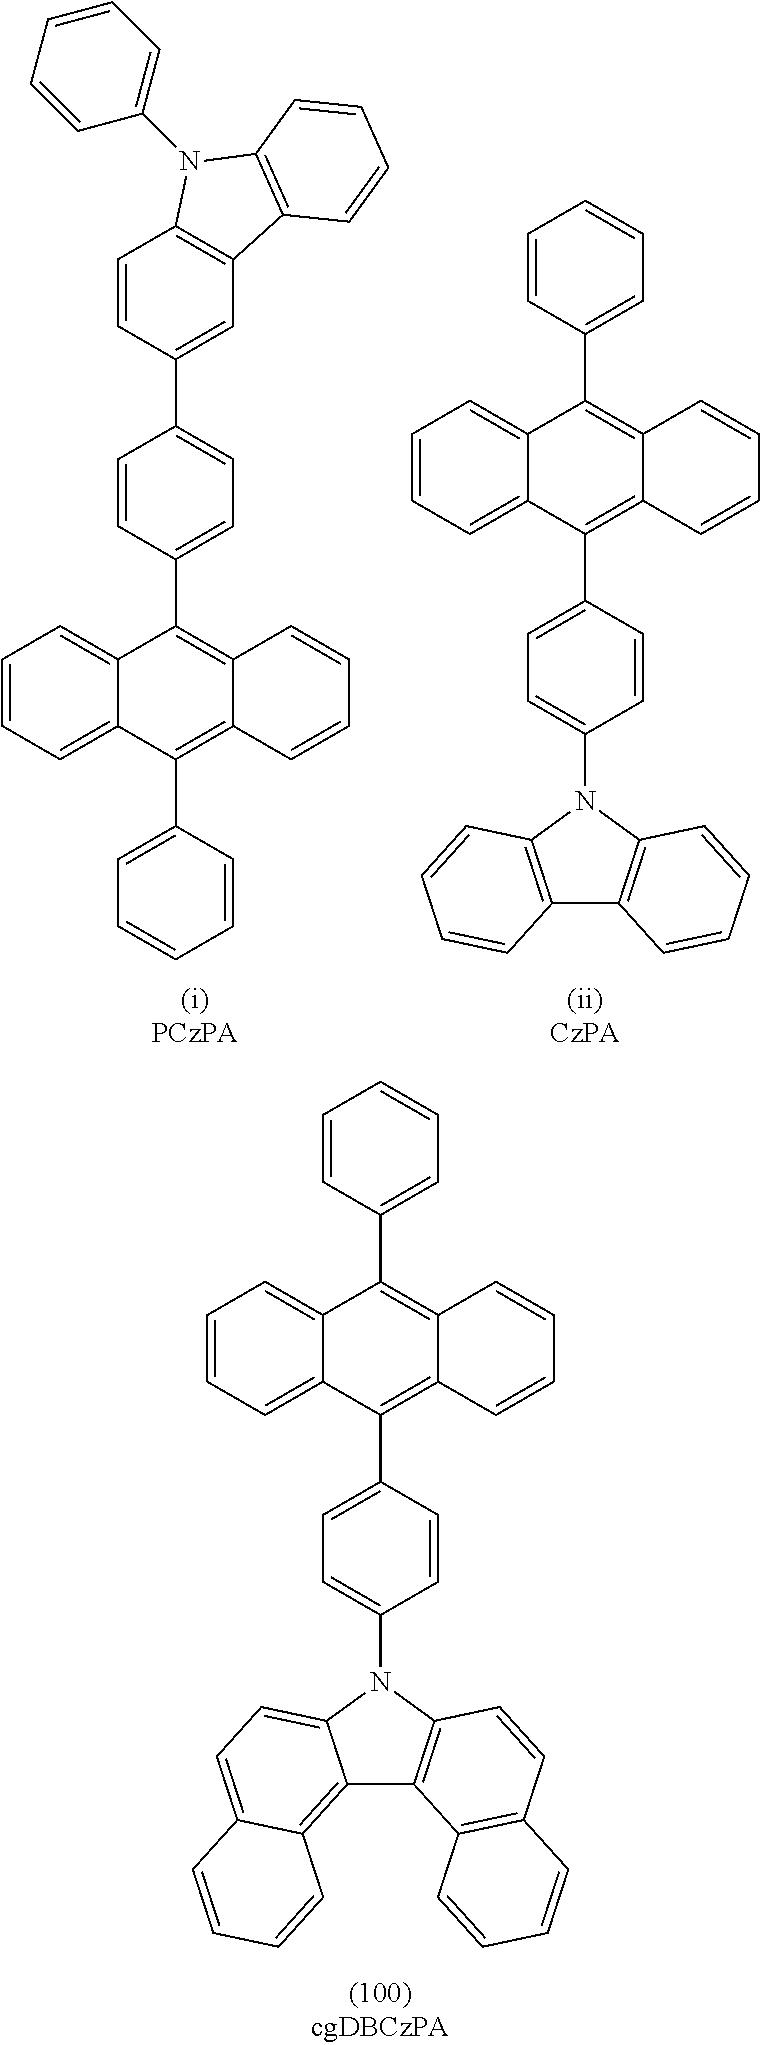 Figure US09240558-20160119-C00061